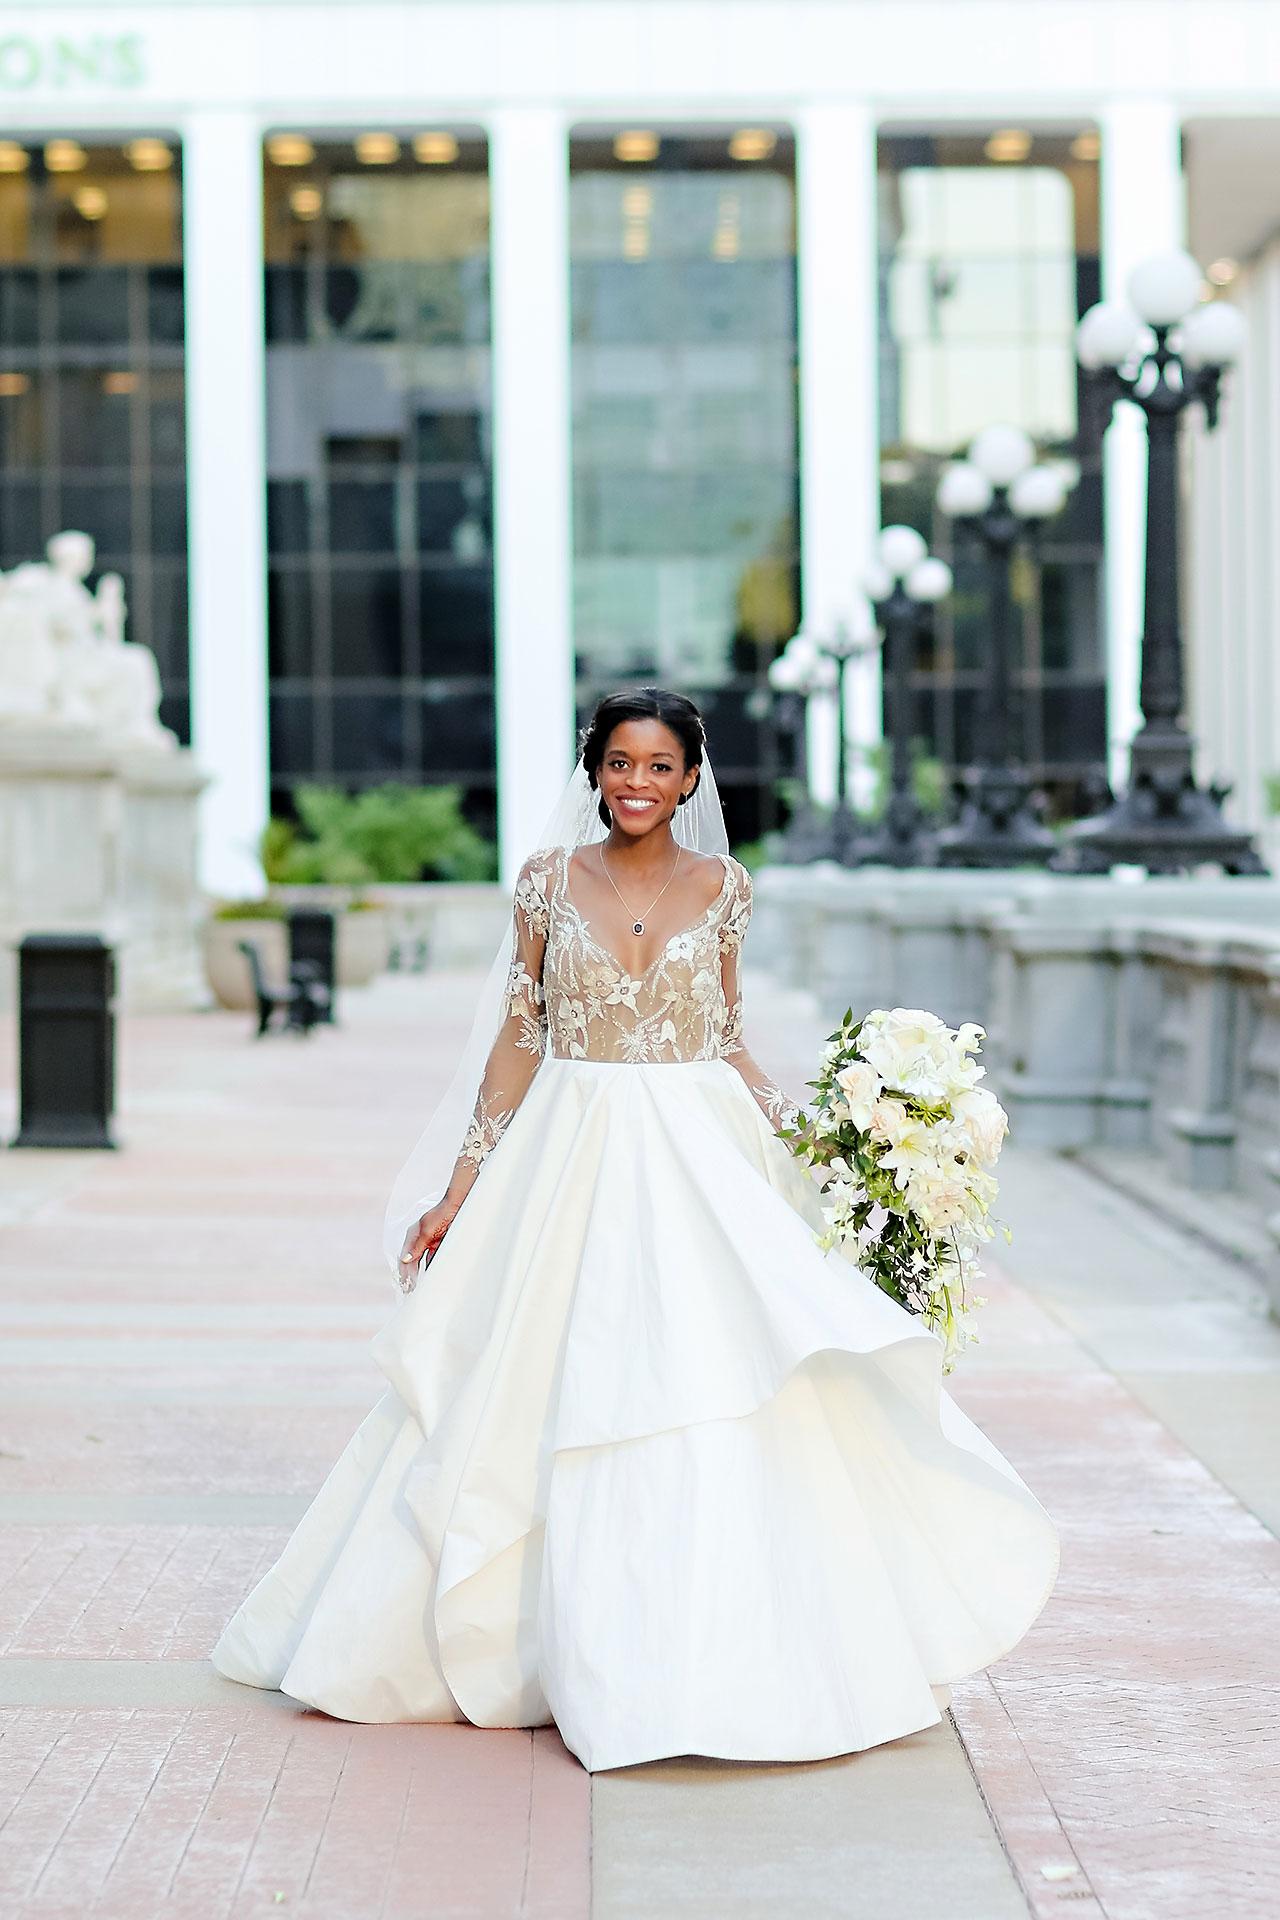 Joie Nikhil Indianapolis Christian Wedding 151